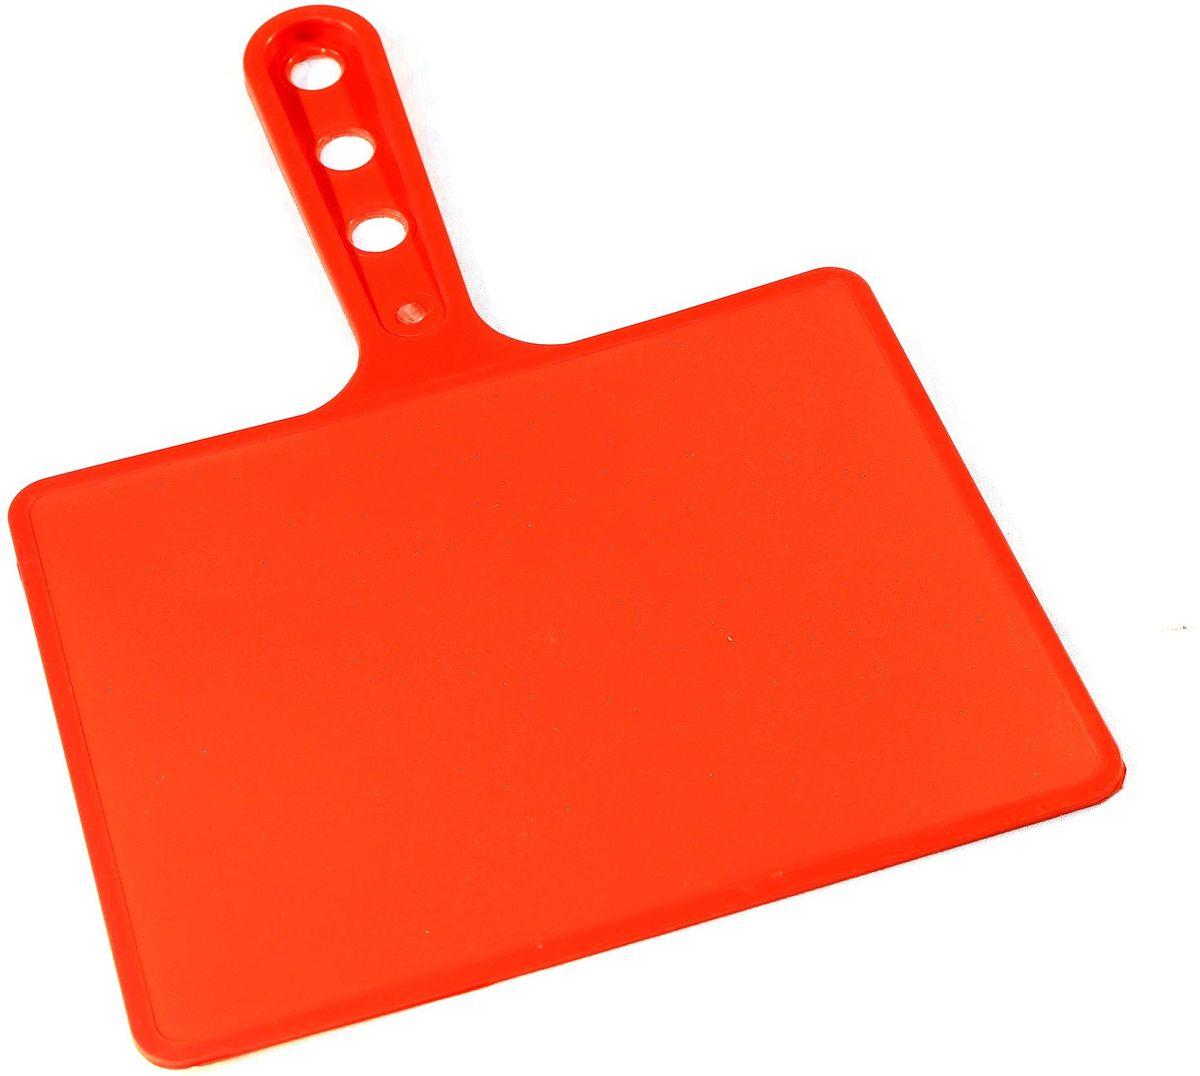 Веер для мангала BG, цвет: красный. 150181RUC-01Предназначен для раздува углей в мангале. Изготовлен из высококачественного пластика(ПЭНД), одна сторона глянец, вторая шагрень. Ручка имеет 3 отверстия. Можно использовать как разделочную доску для мяса, нарезки овощей или хлеба. Рабочая поверхность выполнена в виде прямоугольника, размер: 197 х 148 мм.